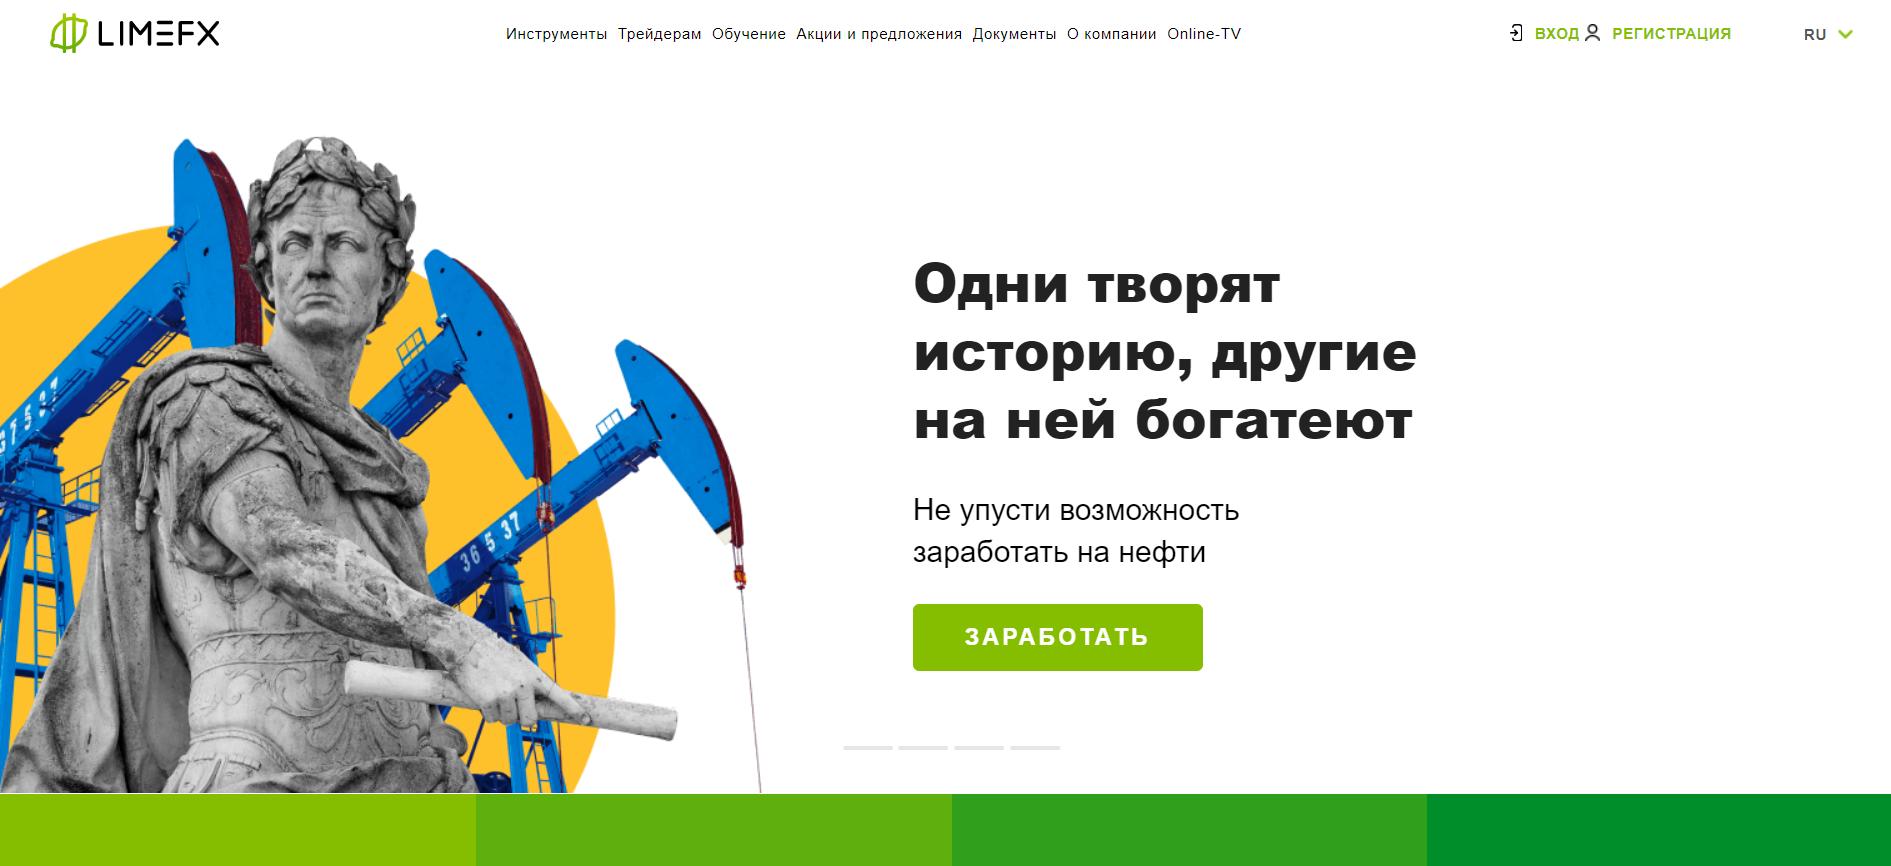 LimeFX: независимый обзор и отзывы о брокере